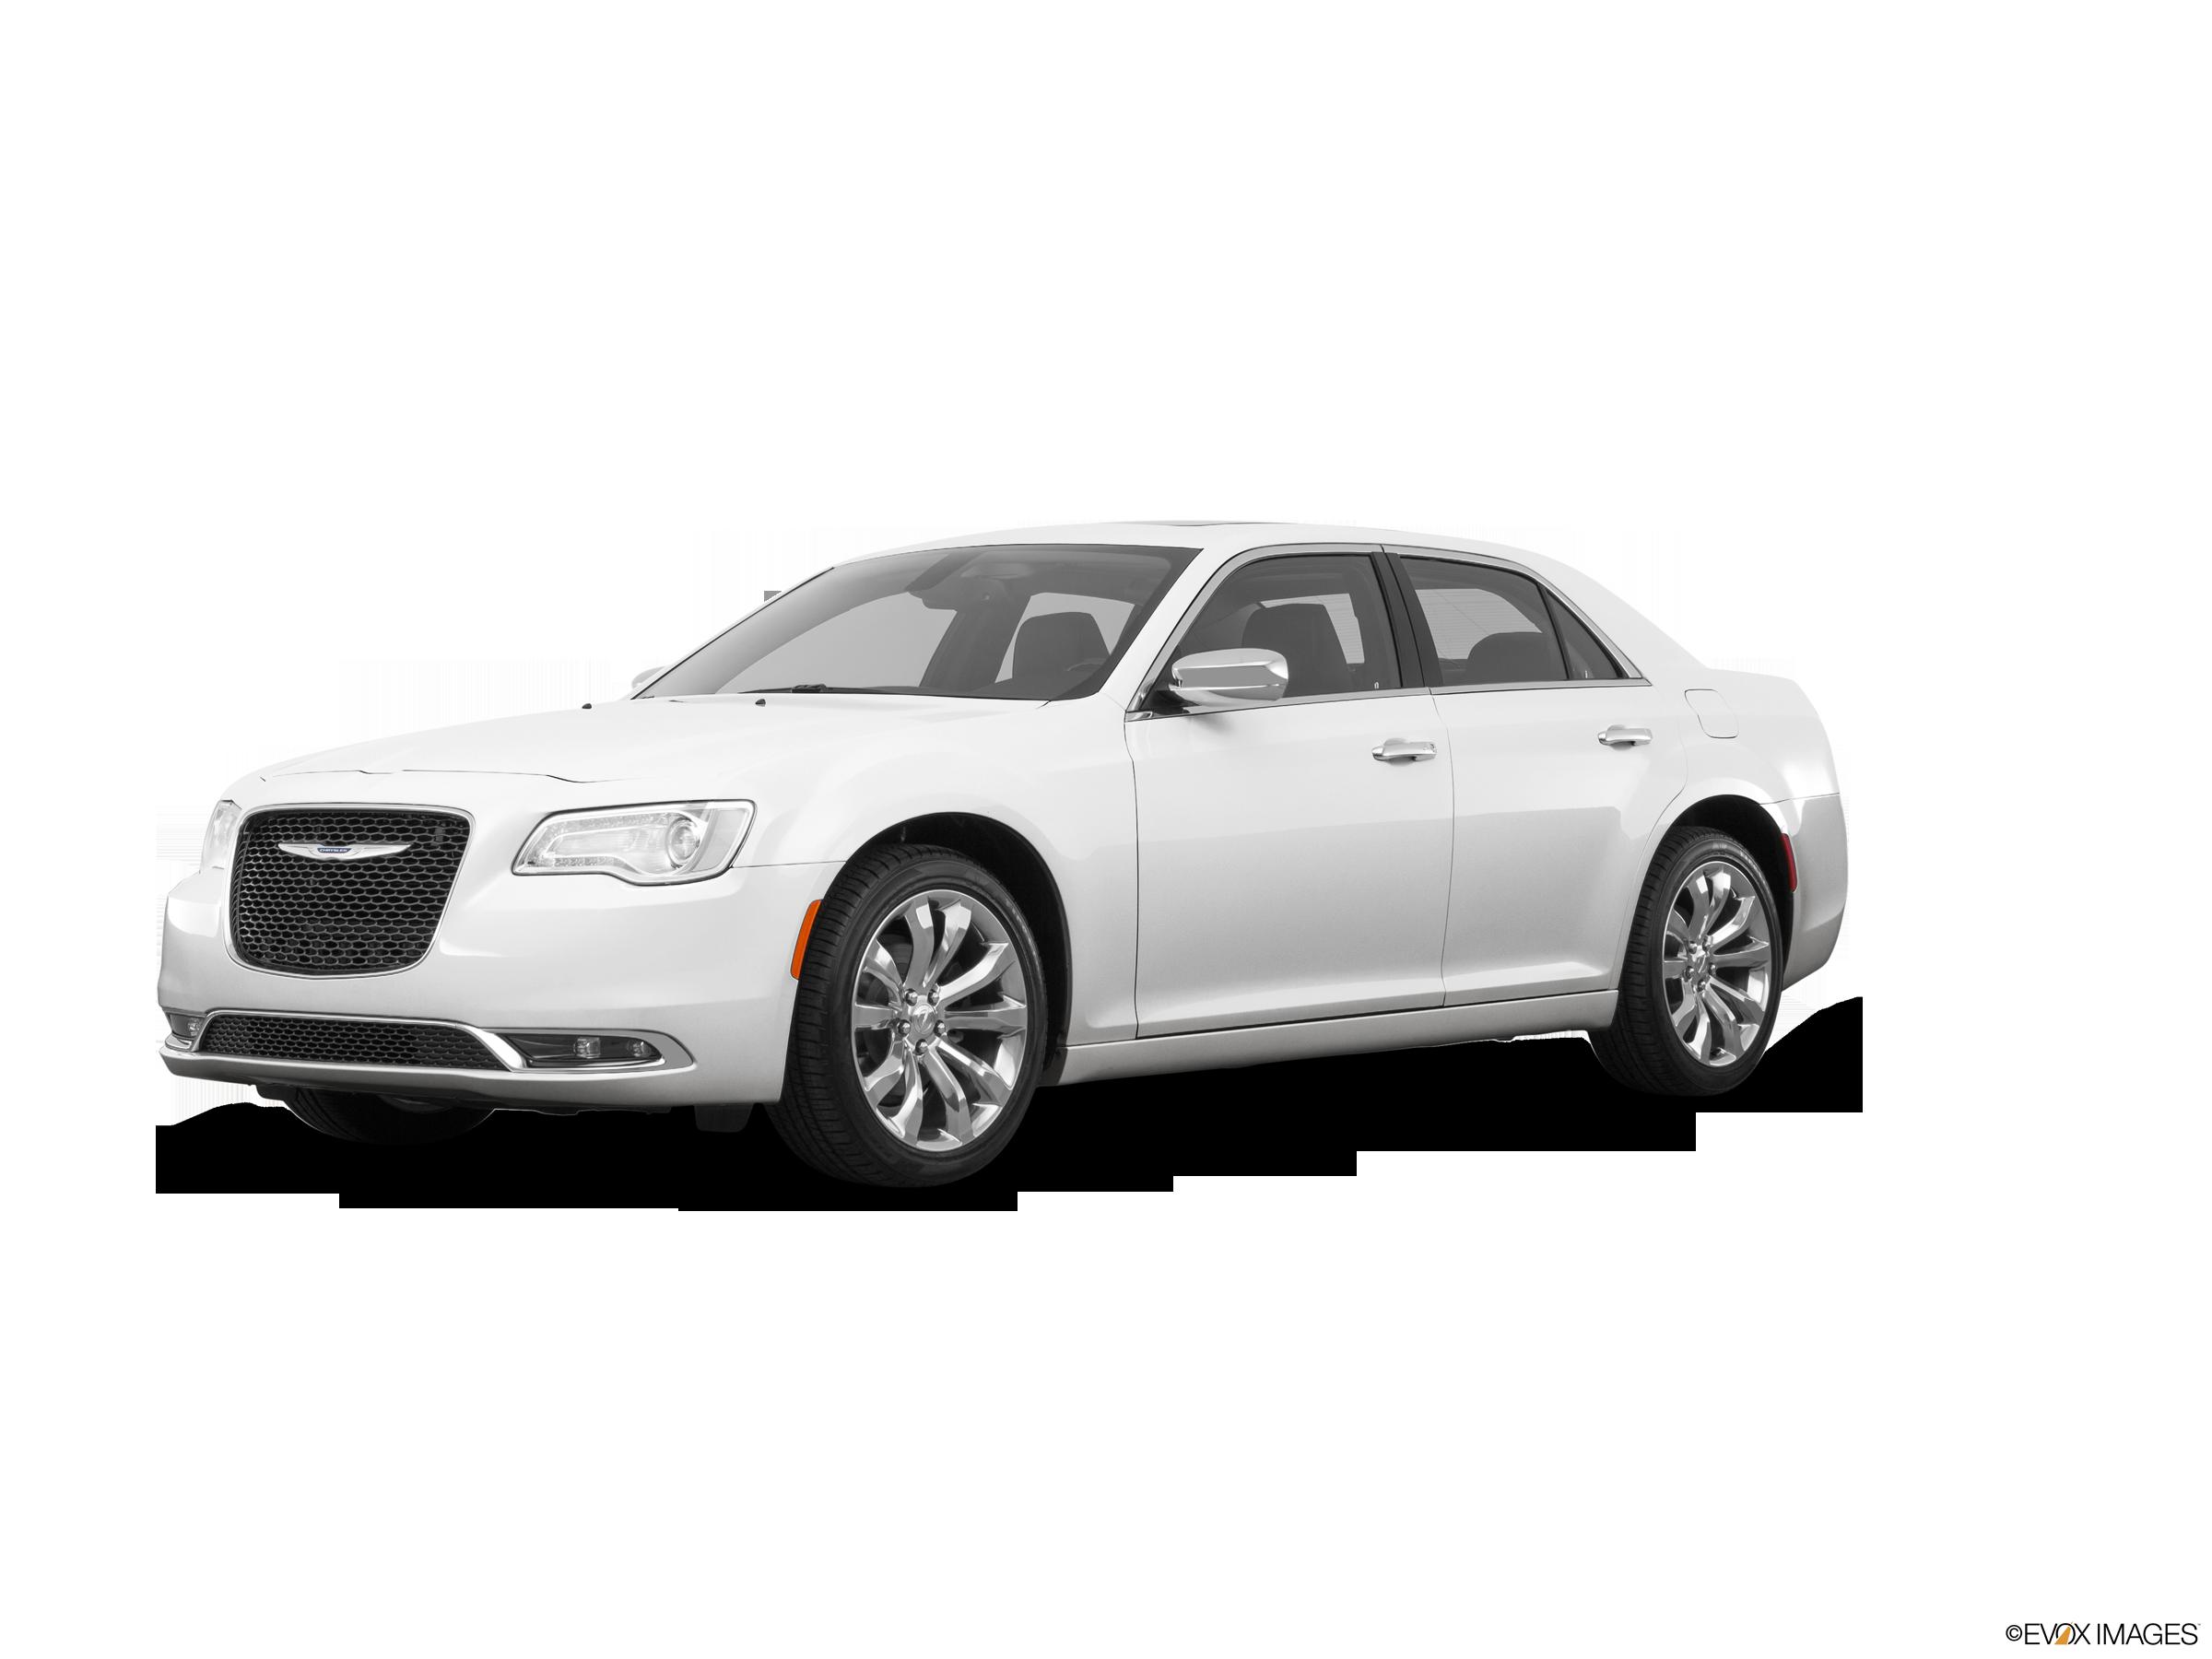 Kelebihan Chevrolet Dodge Murah Berkualitas